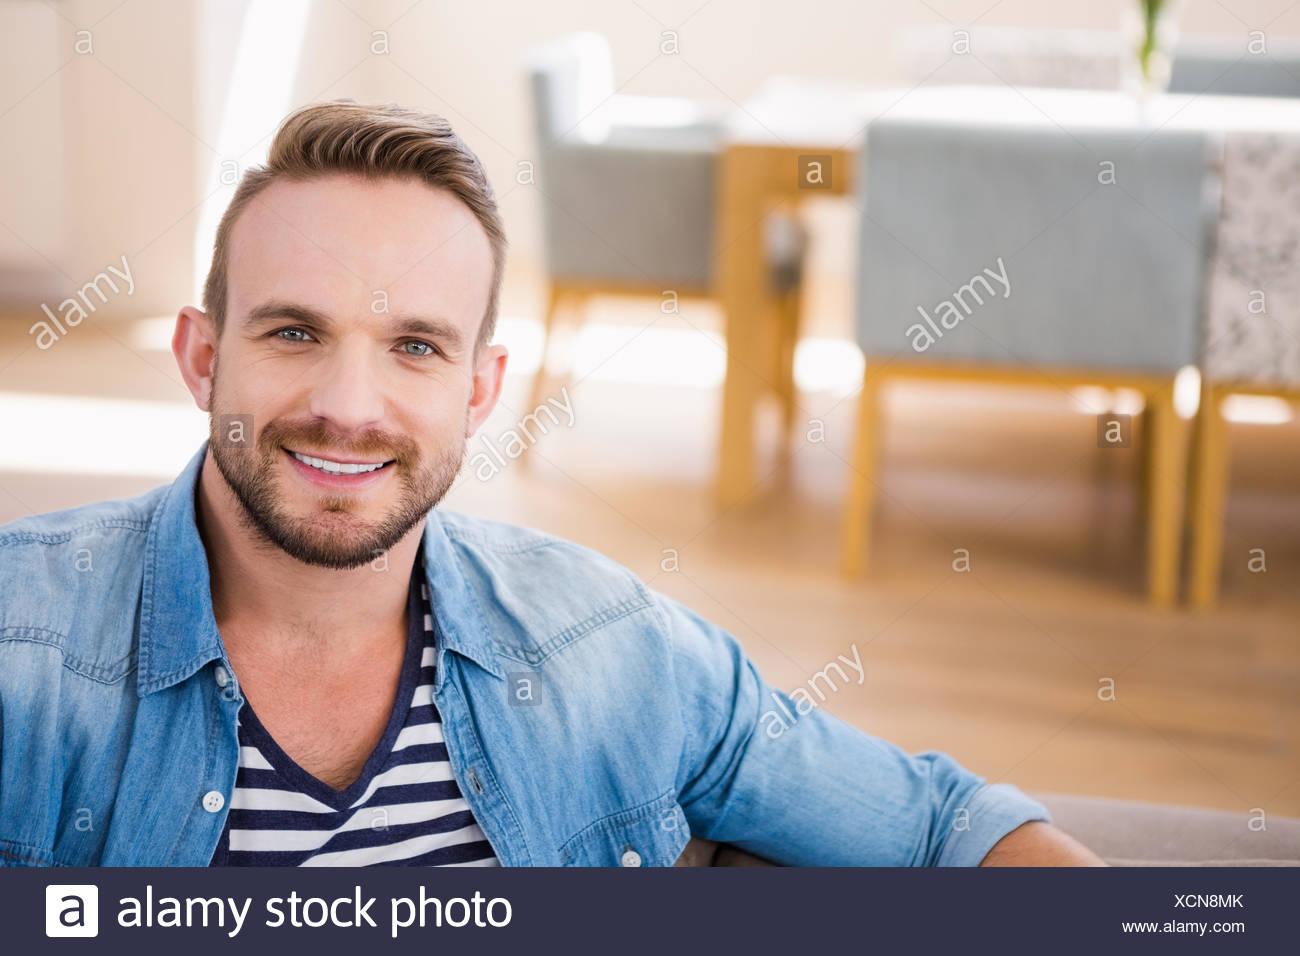 Gut aussehender Mann lächelnd in die Kamera Stockbild